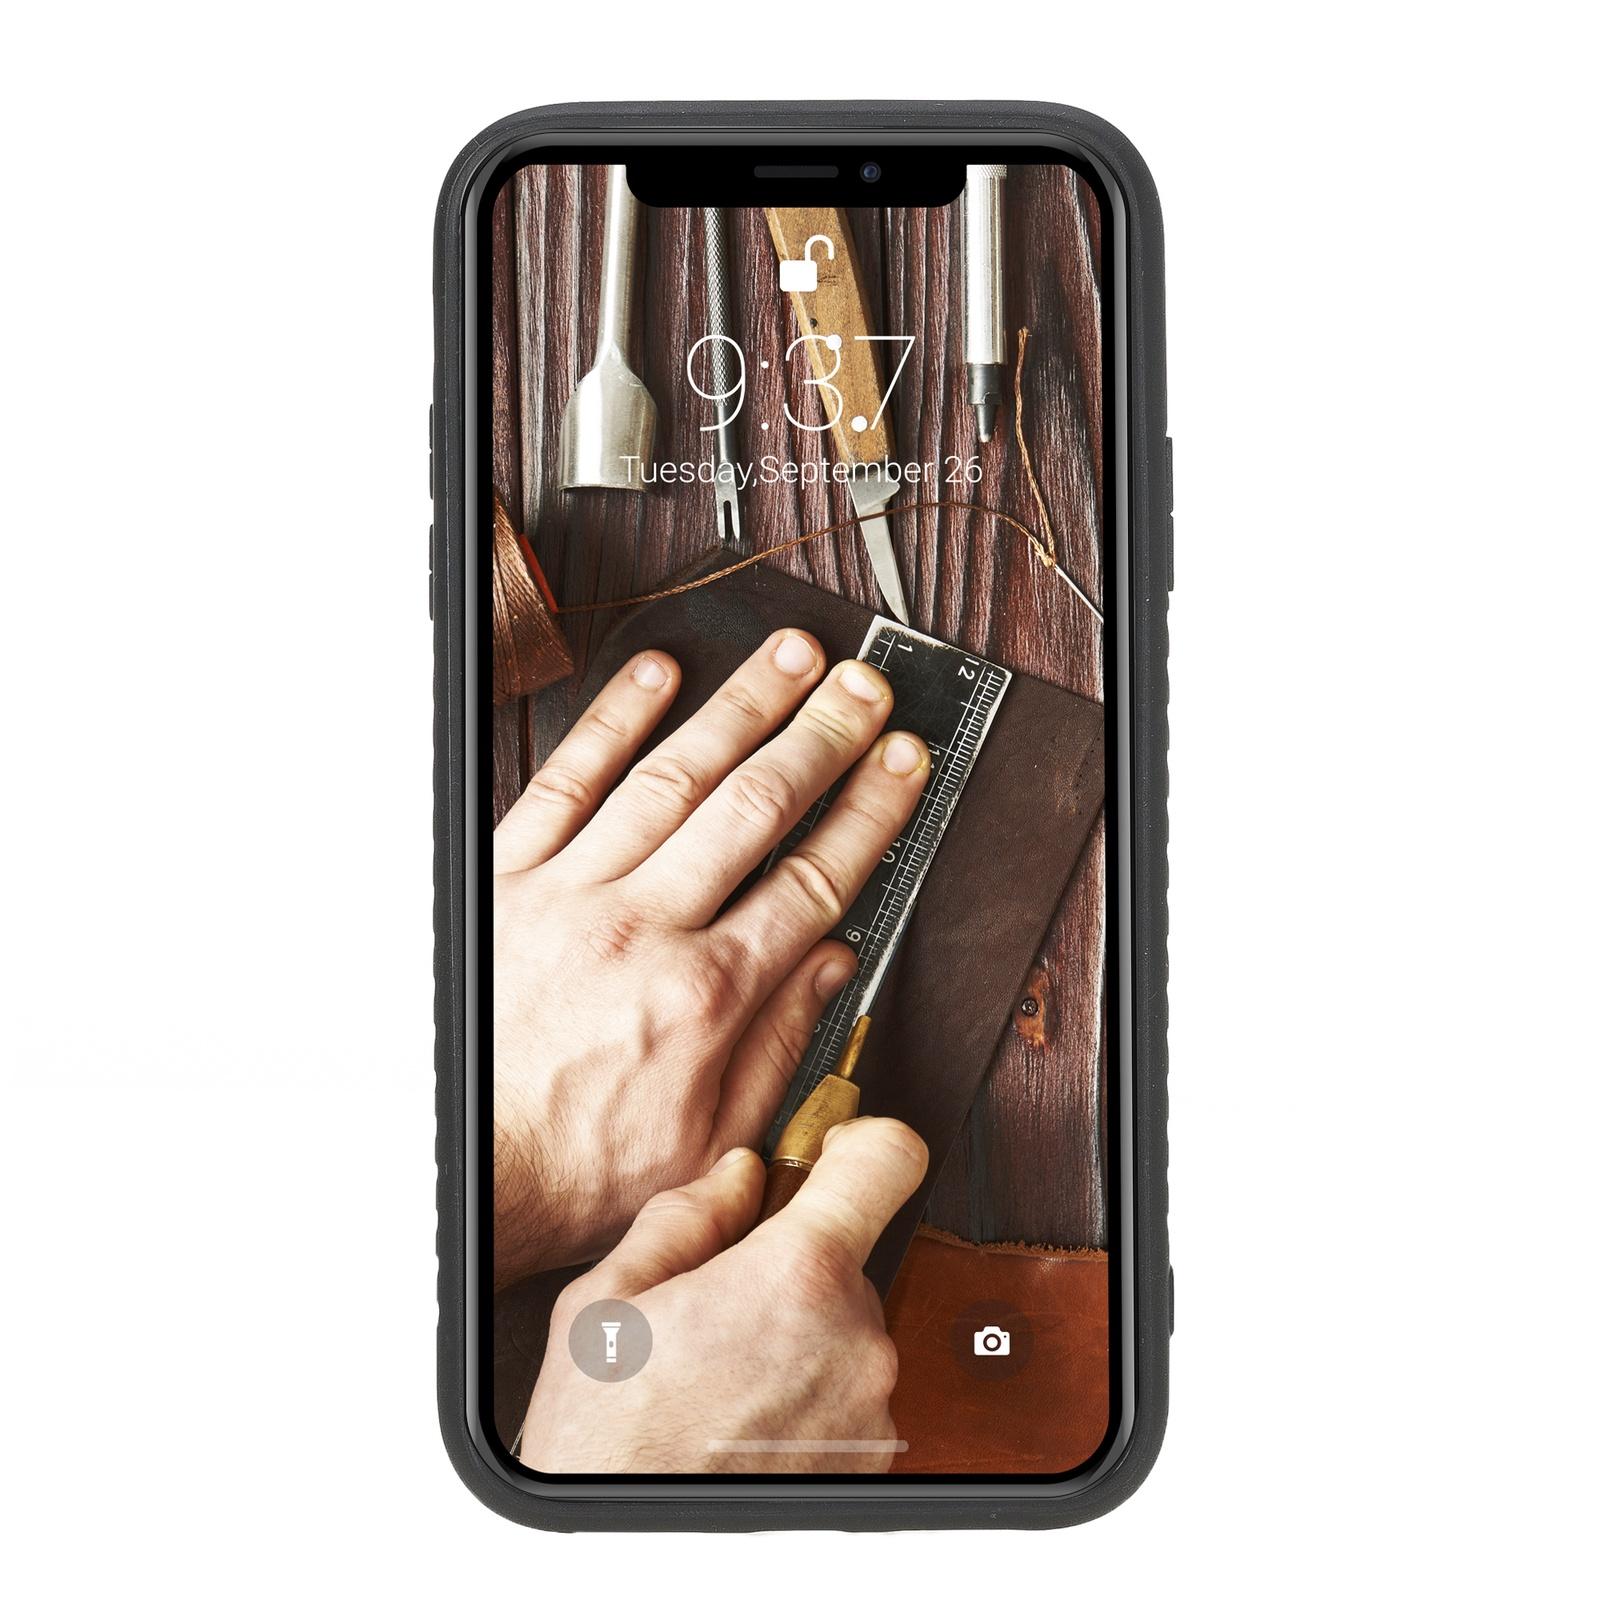 Чехол для сотового телефона Burkley для iPhone XS MAX FlexCover, темно-коричневый